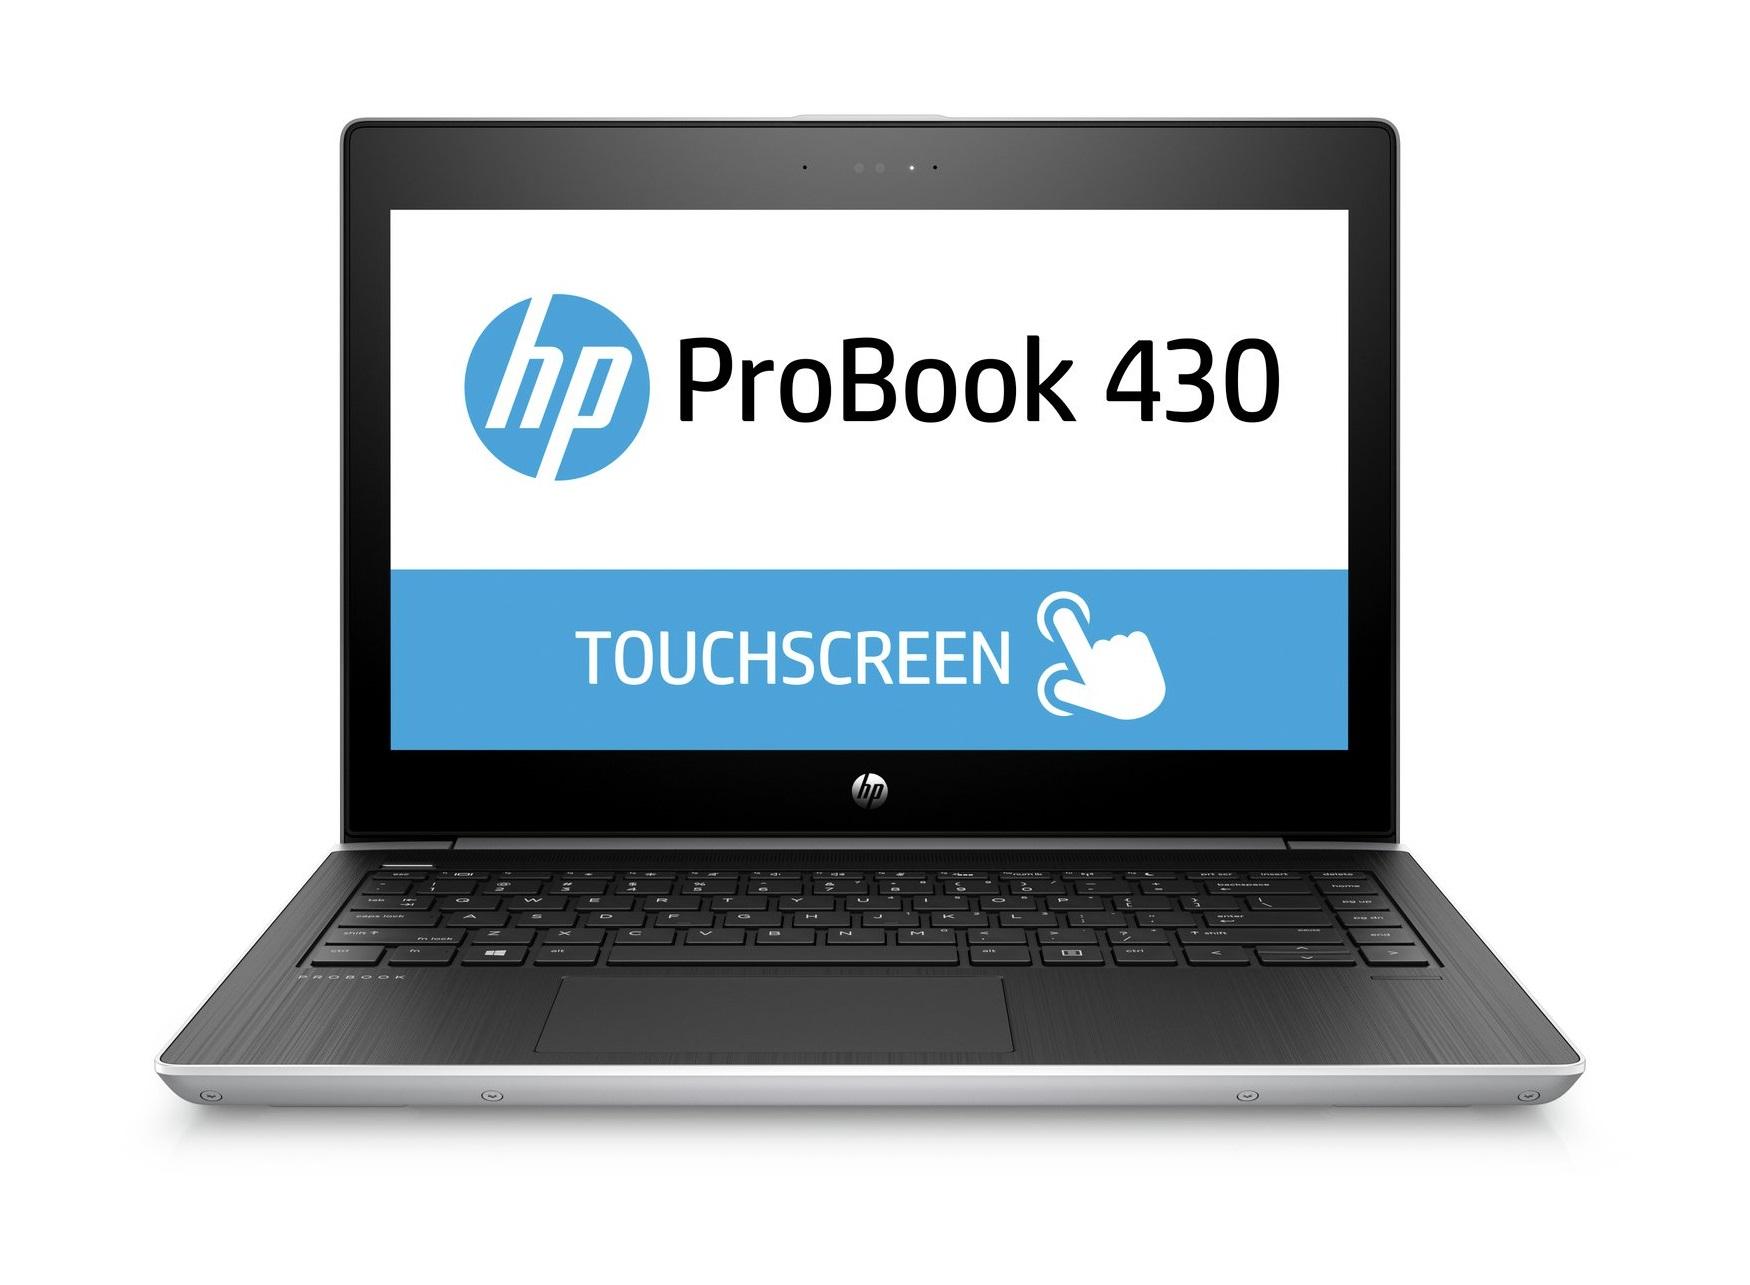 HP ProBook 430 posiada mnóstwo przydatnych, wbudowanych funkcji dodatkowych, które przydadzą się w domu